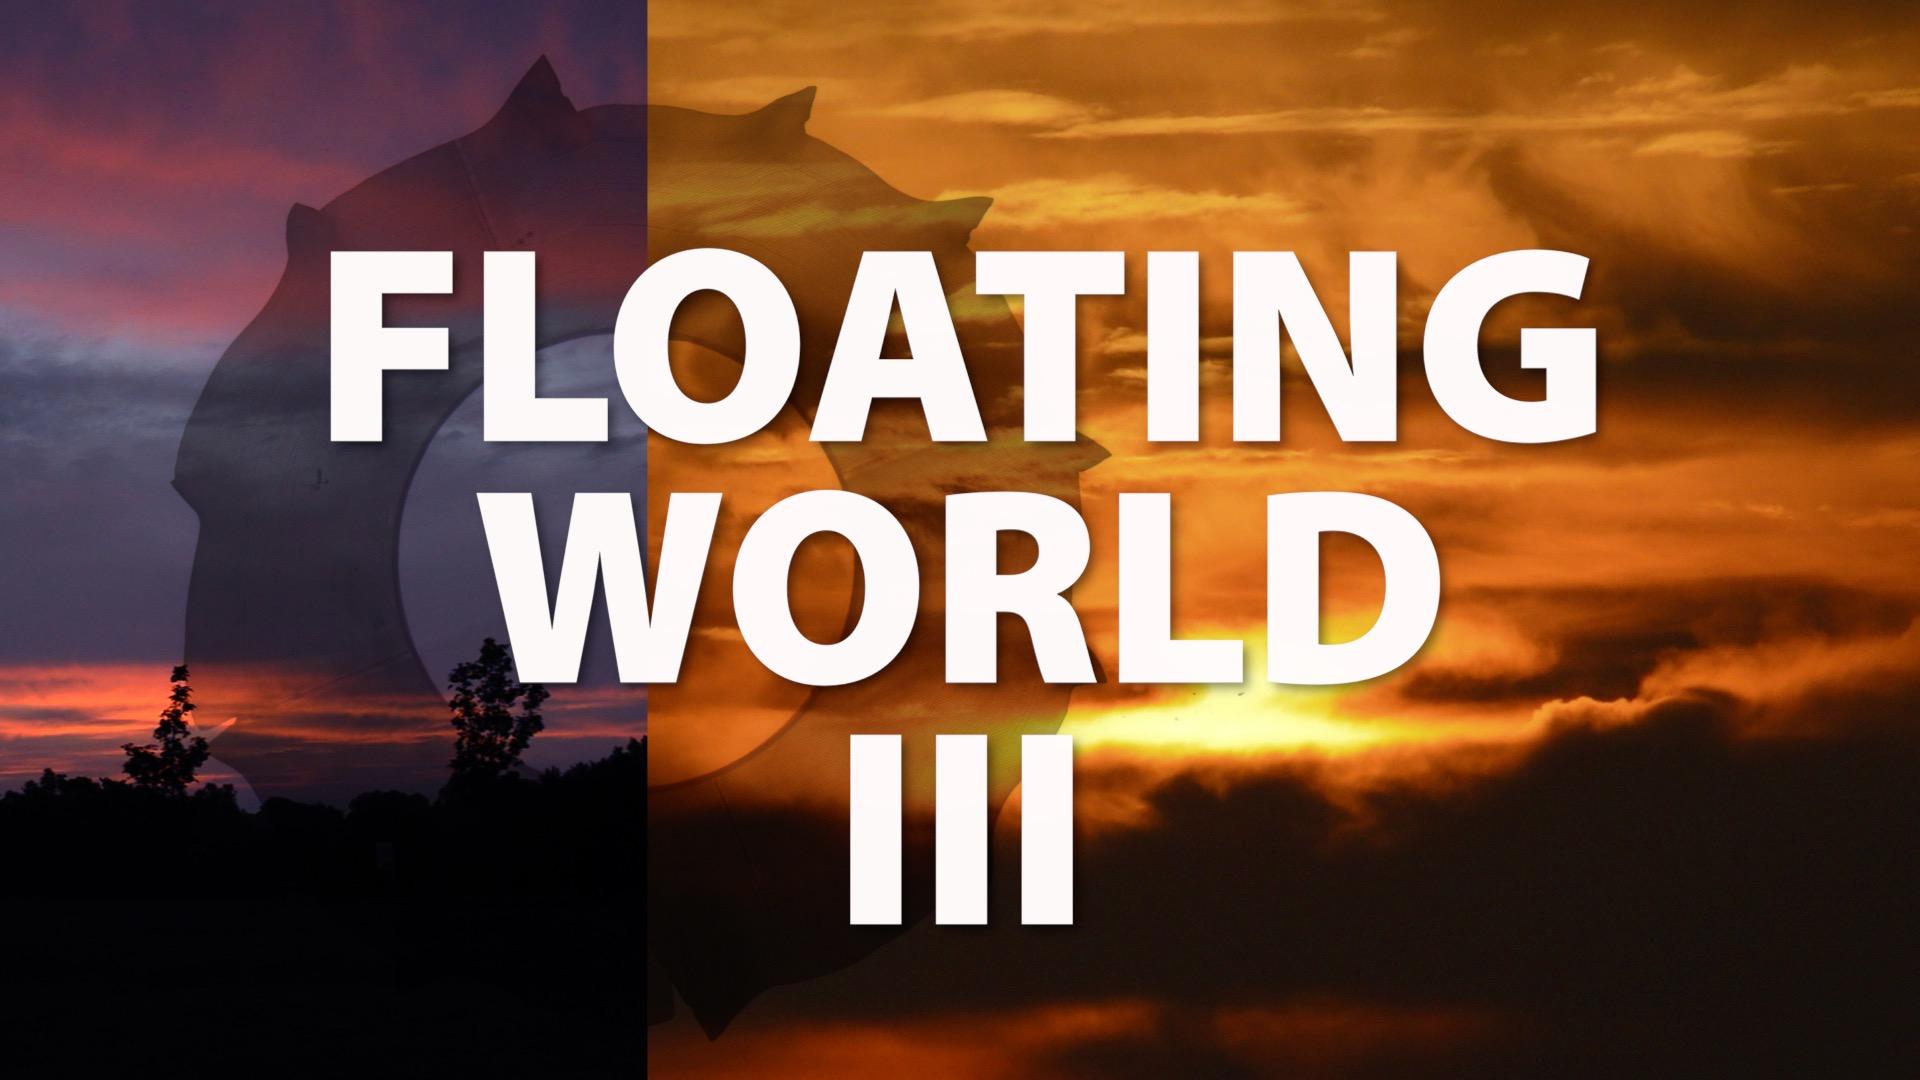 Floating World III